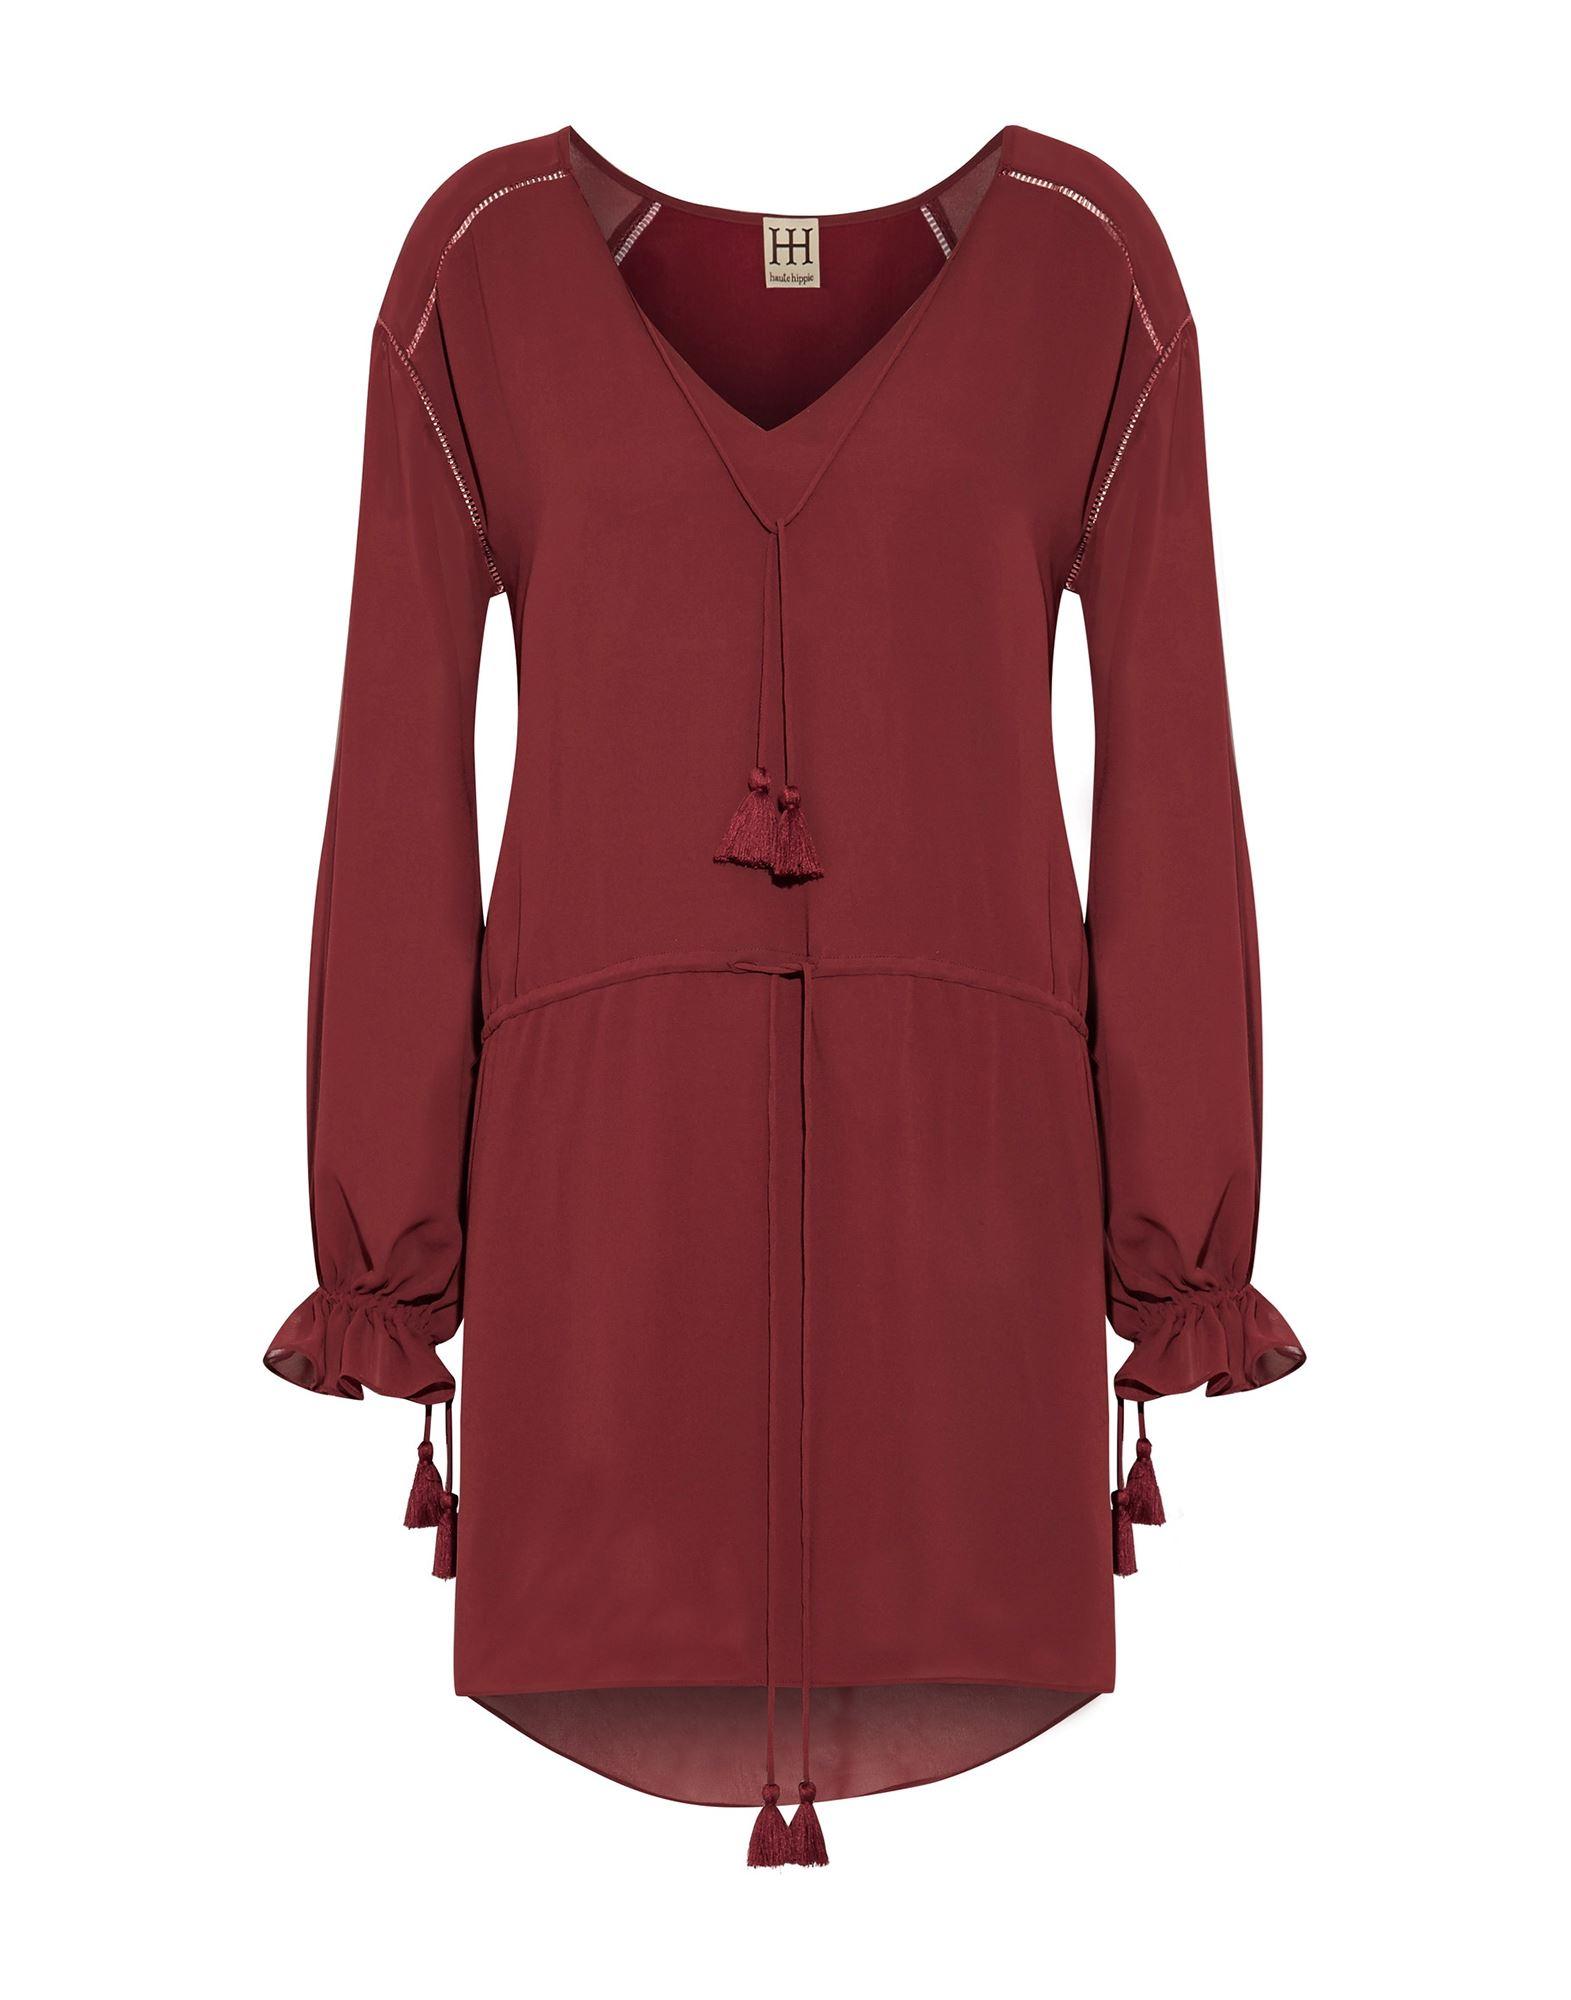 HAUTE HIPPIE Damen Kurzes Kleid Farbe Bordeaux Größe 3